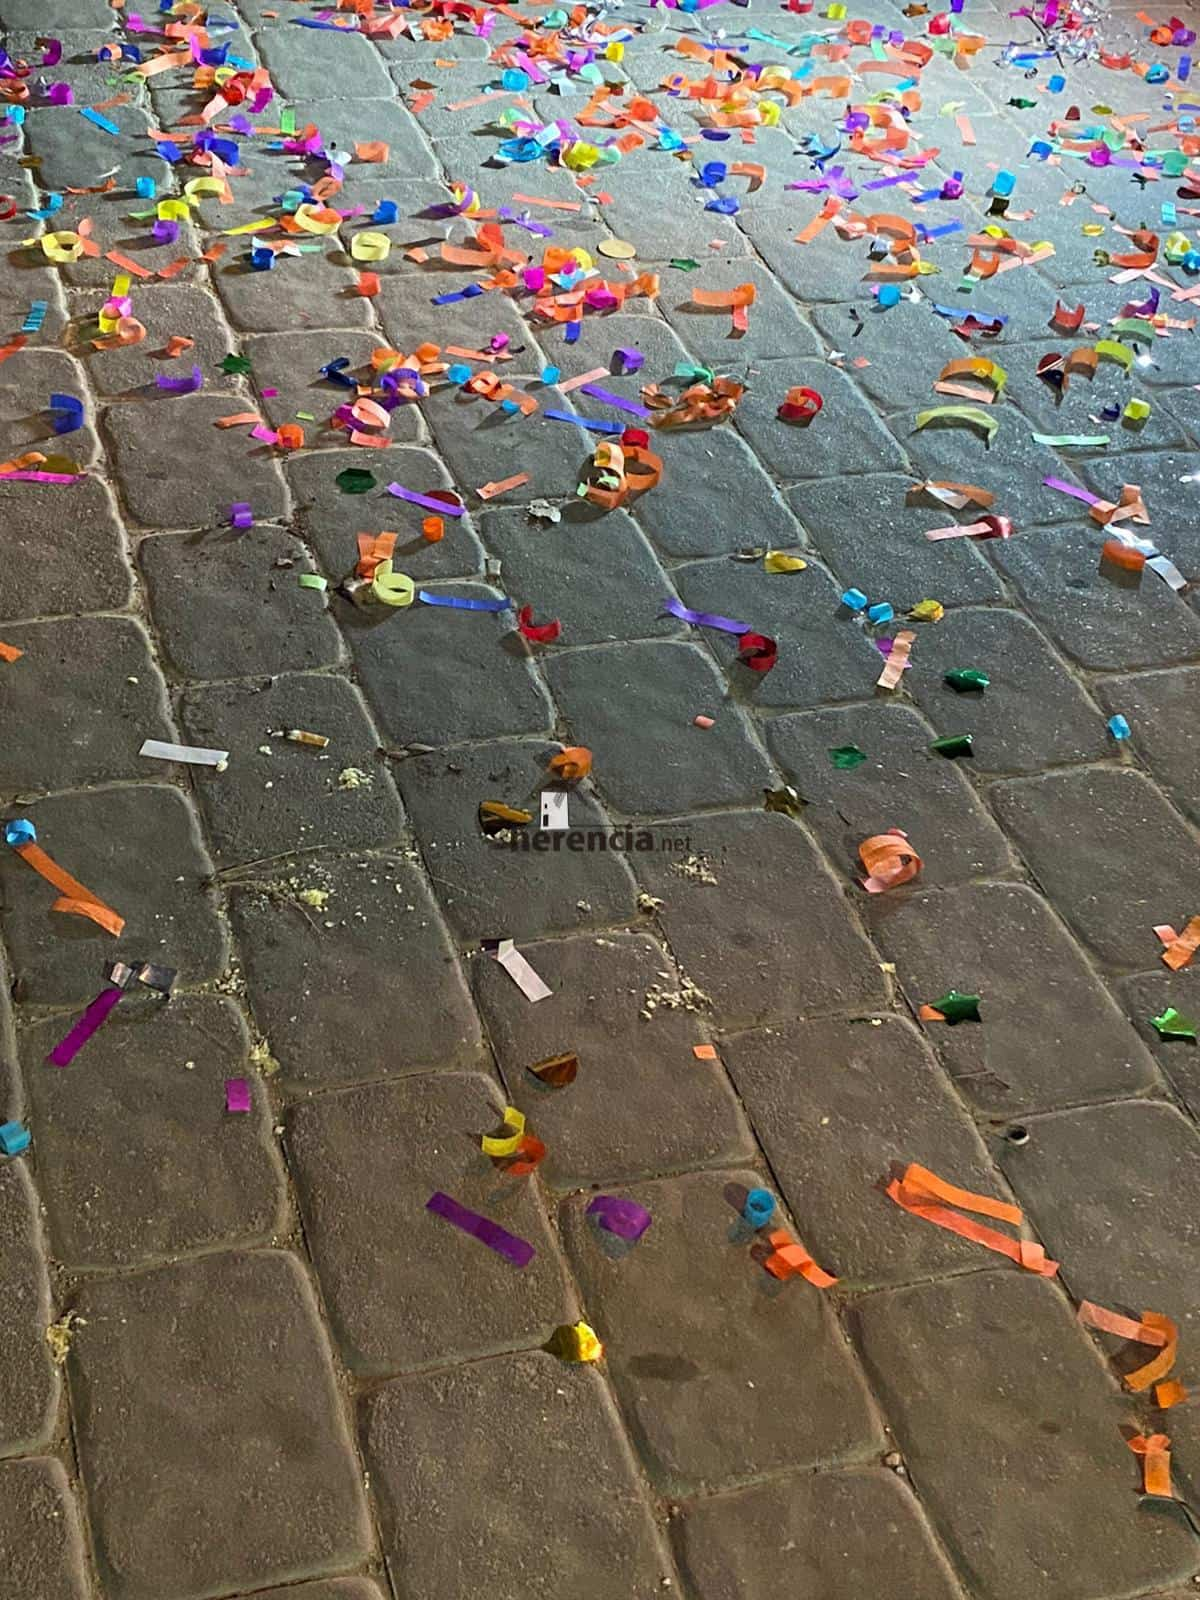 carnaval herencia 2020 viernes prisillas 19 - Viernes de Prisillas 2020 del Carnaval en imágenes